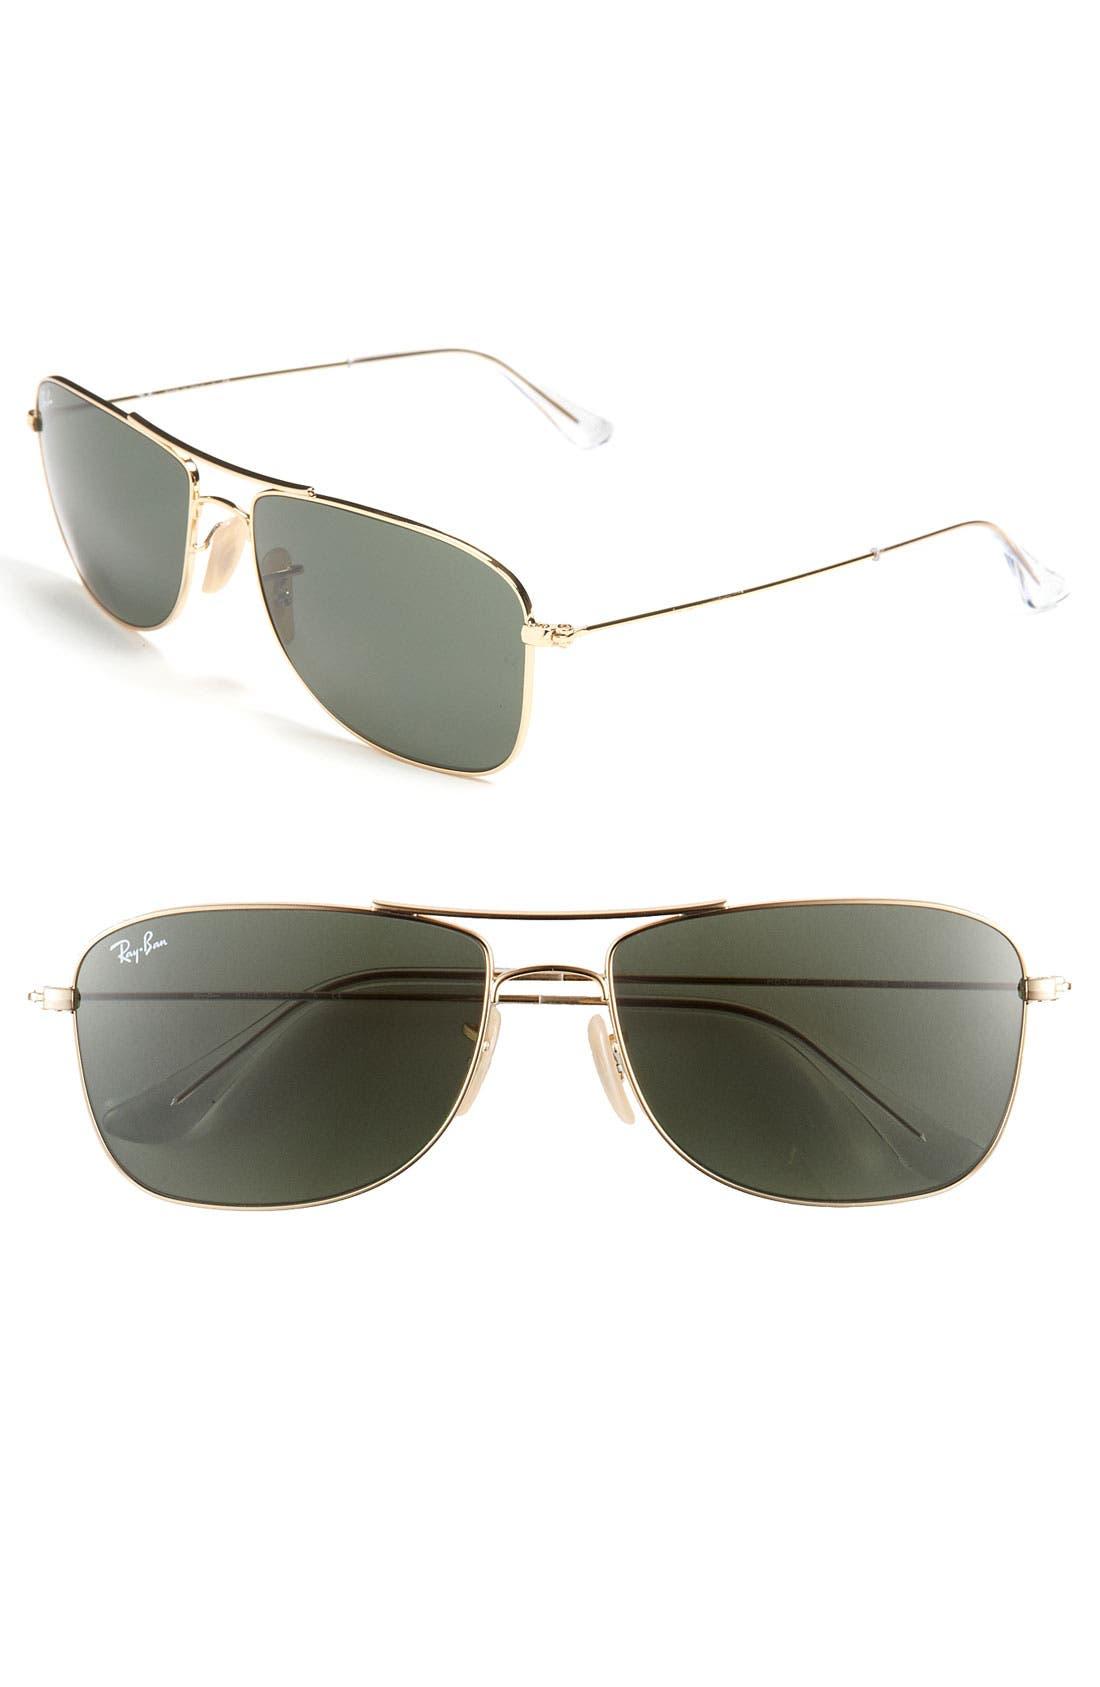 Main Image - Ray-Ban 59mm Navigator Sunglasses